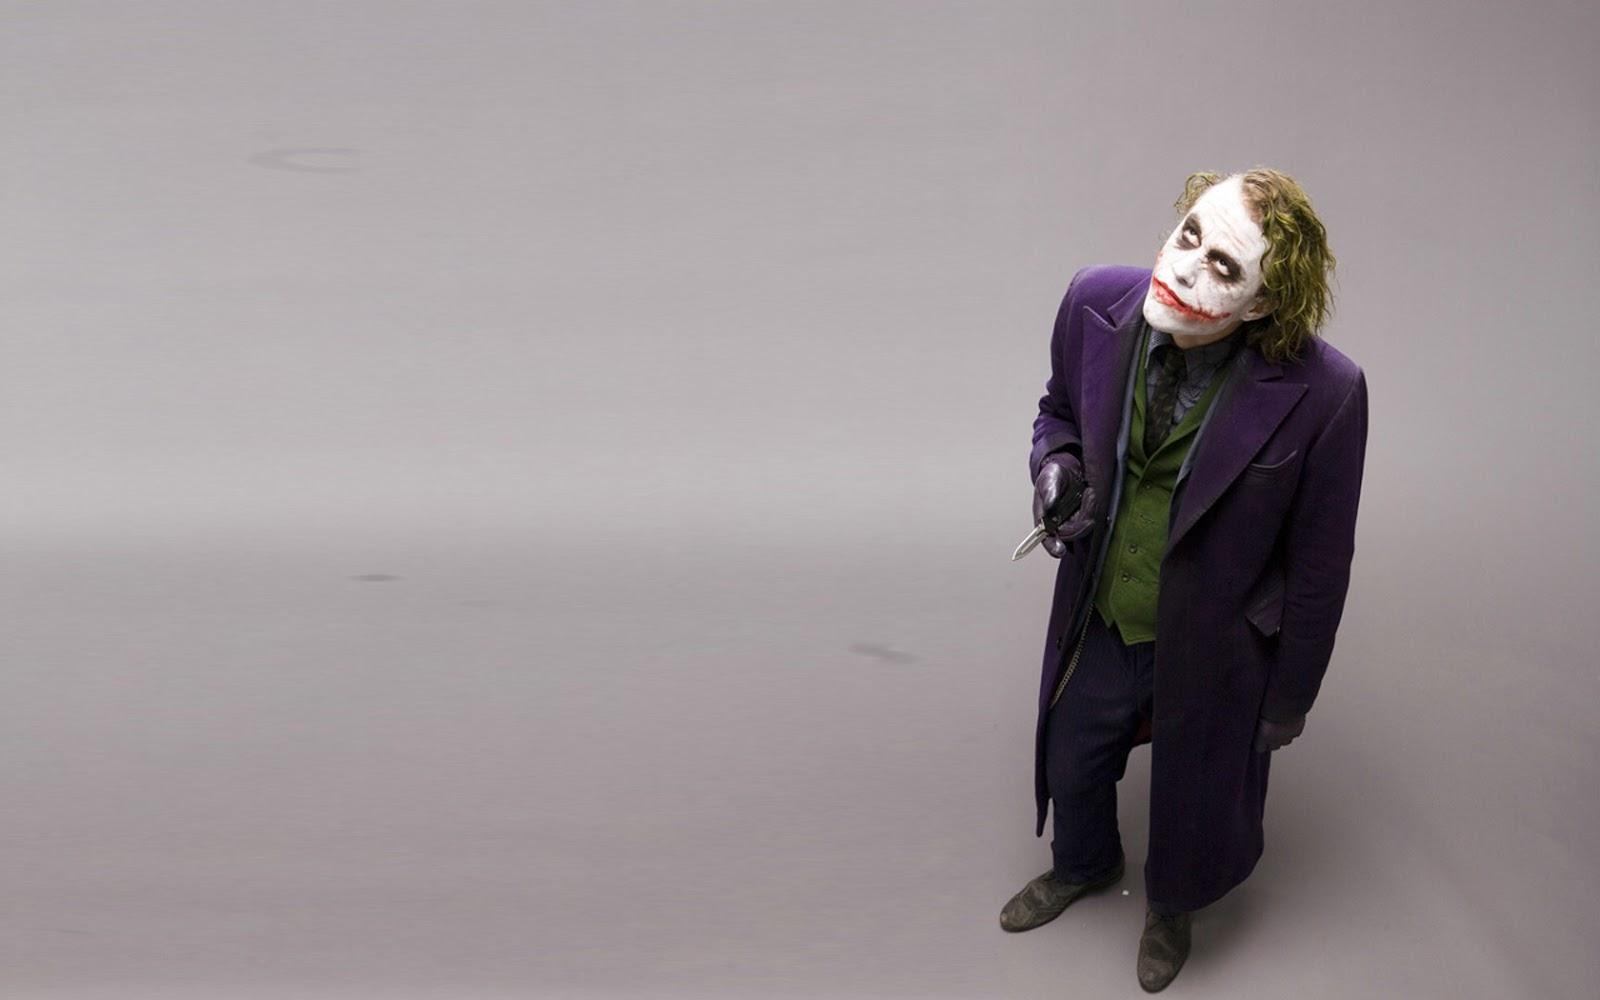 Joker Wallpapers